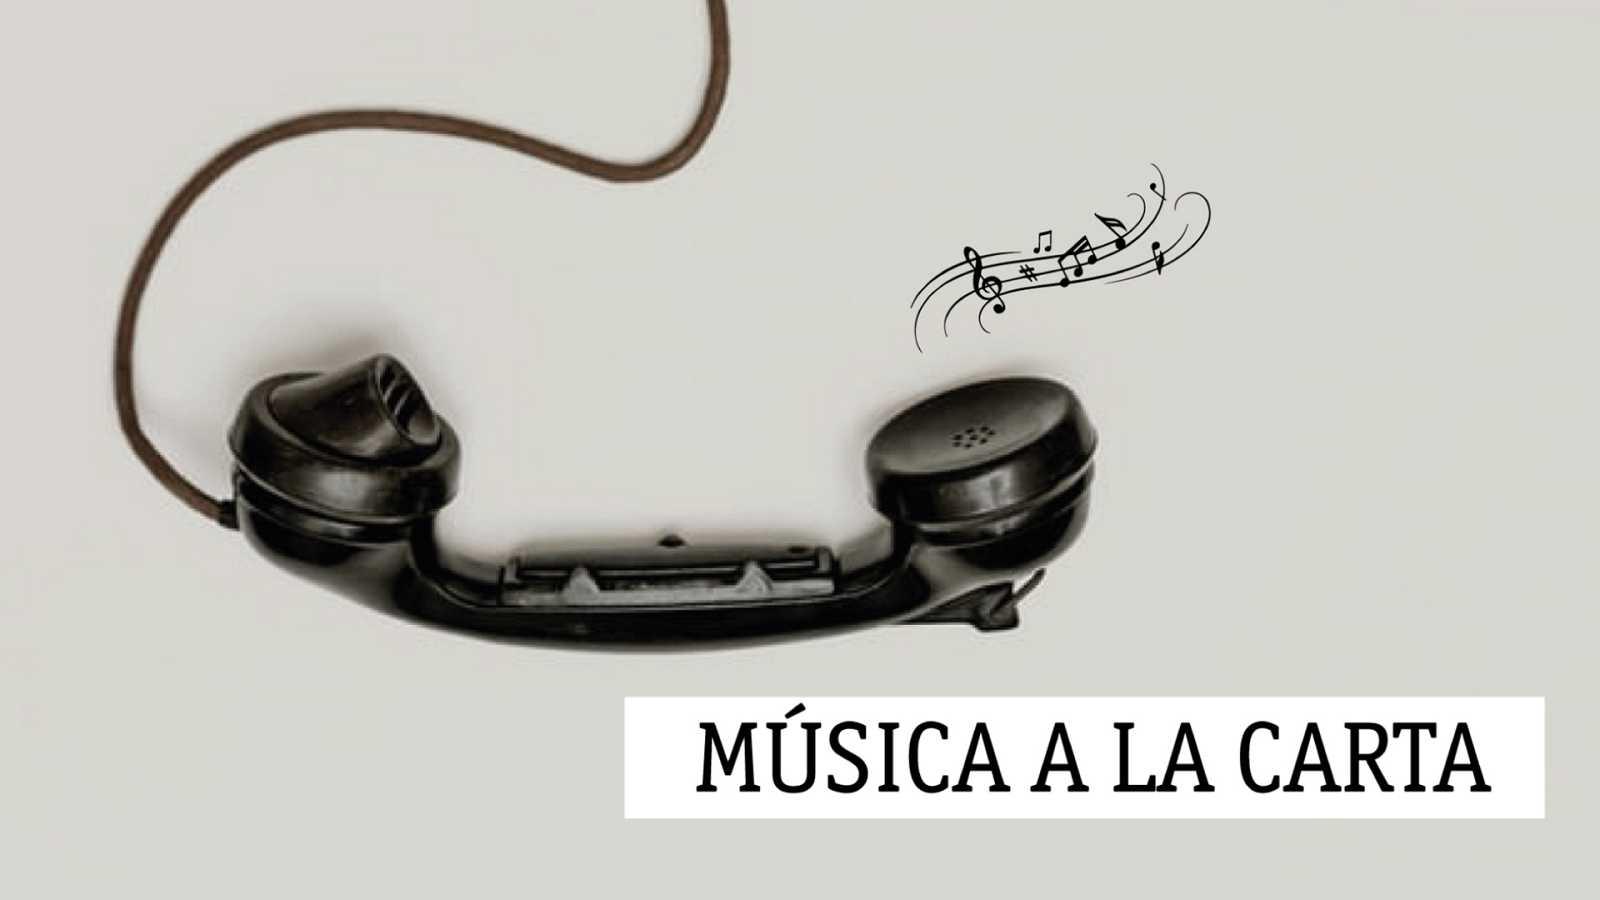 Música a la carta - 08/02/21 - escuchar ahora